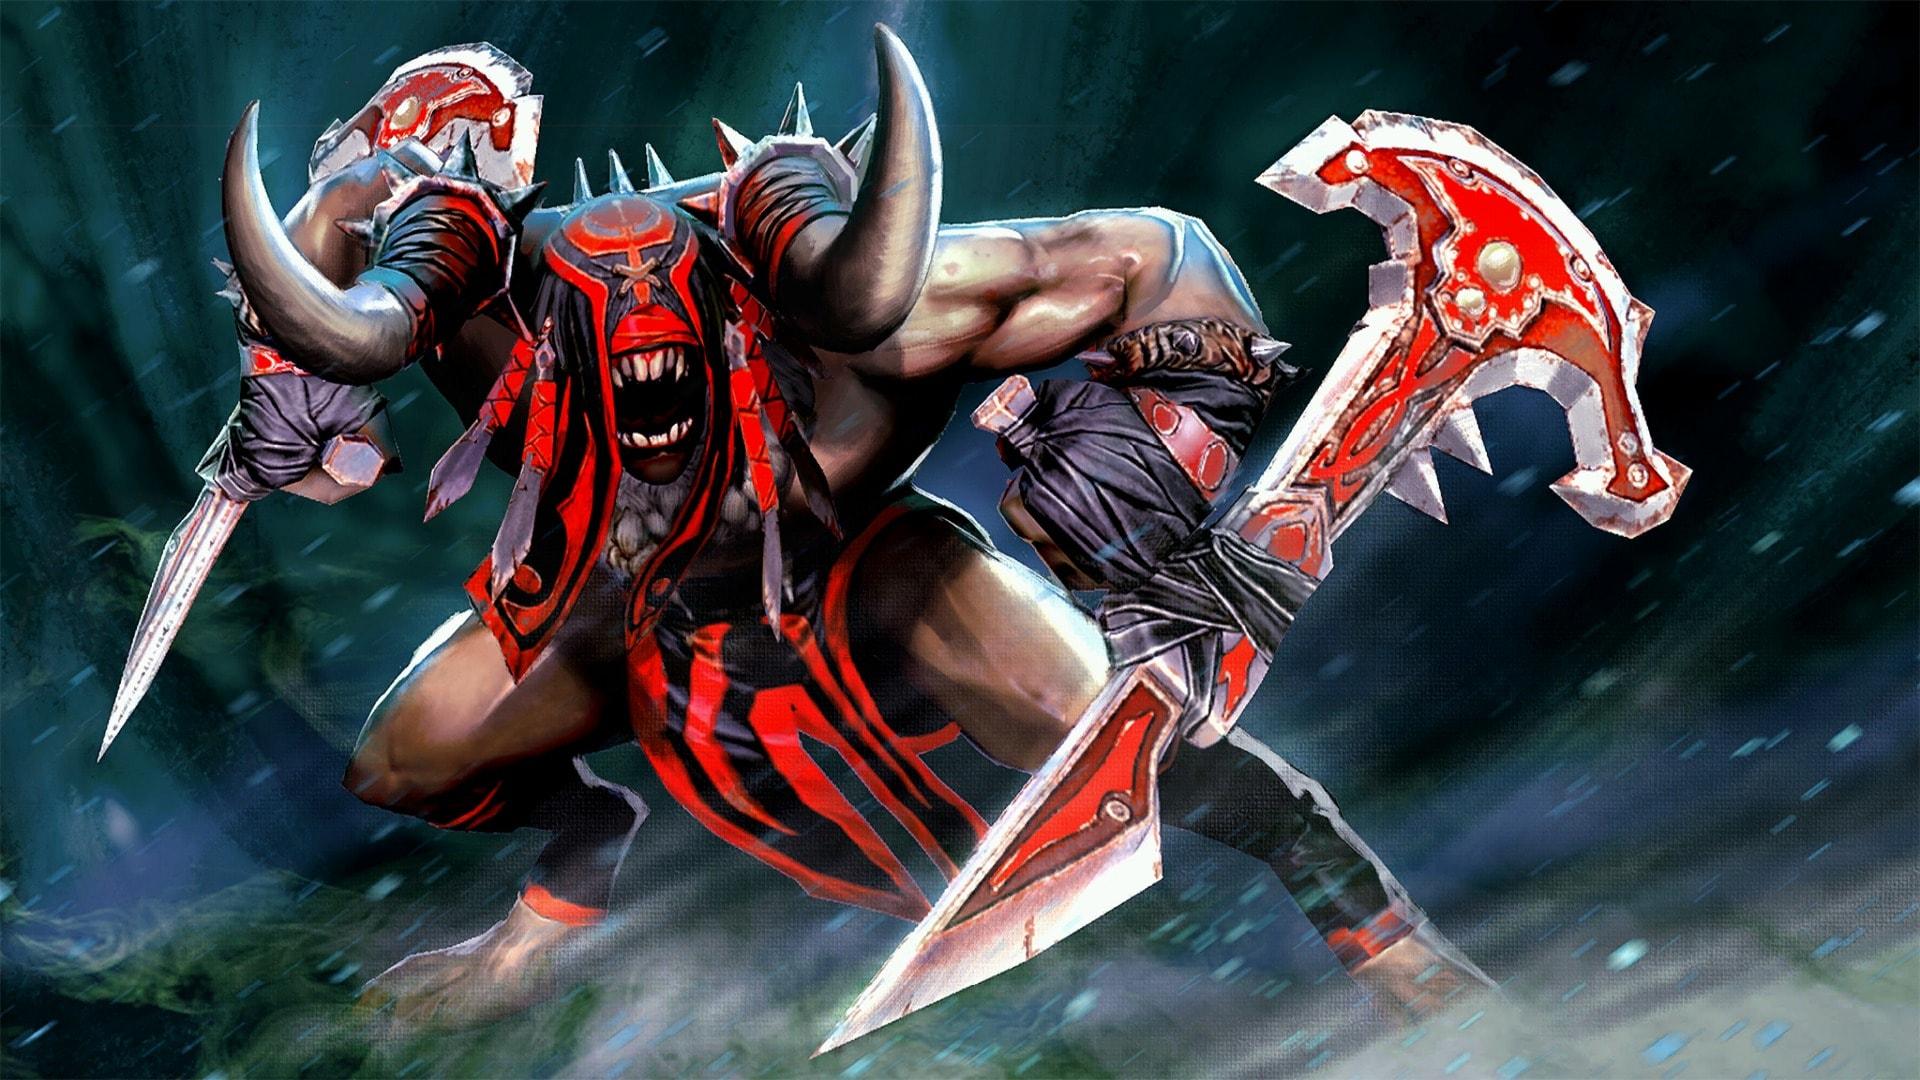 Dota2 : Bloodseeker Background